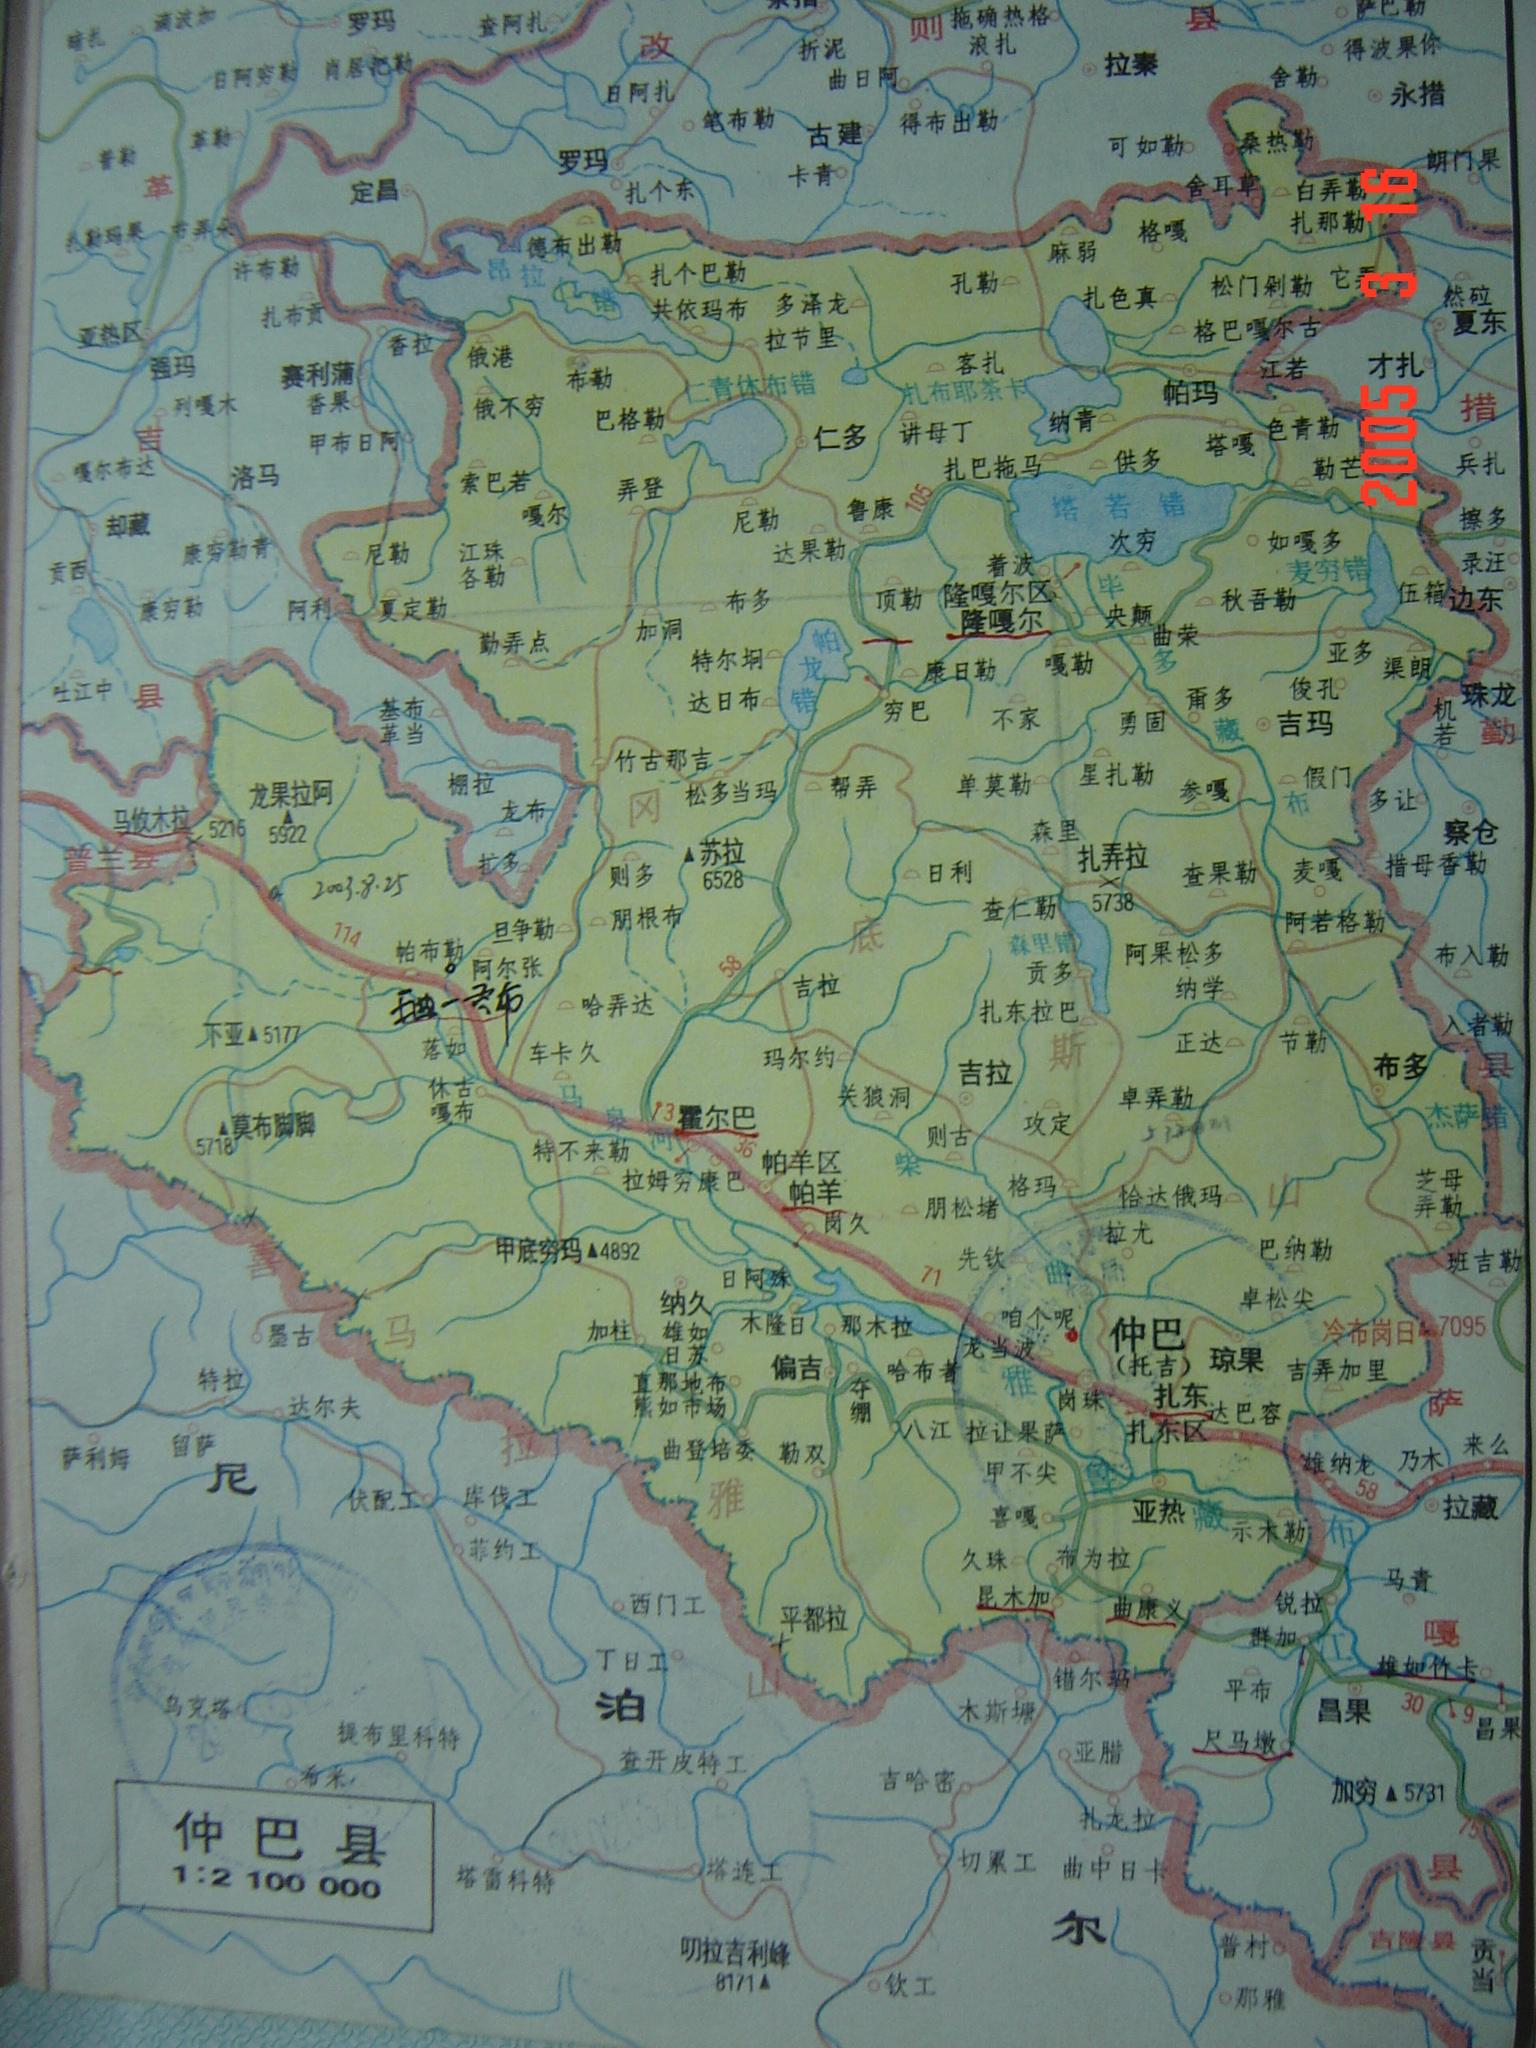 西藏日喀则地图 西藏日喀则地图高清版 西藏日喀则地图全图